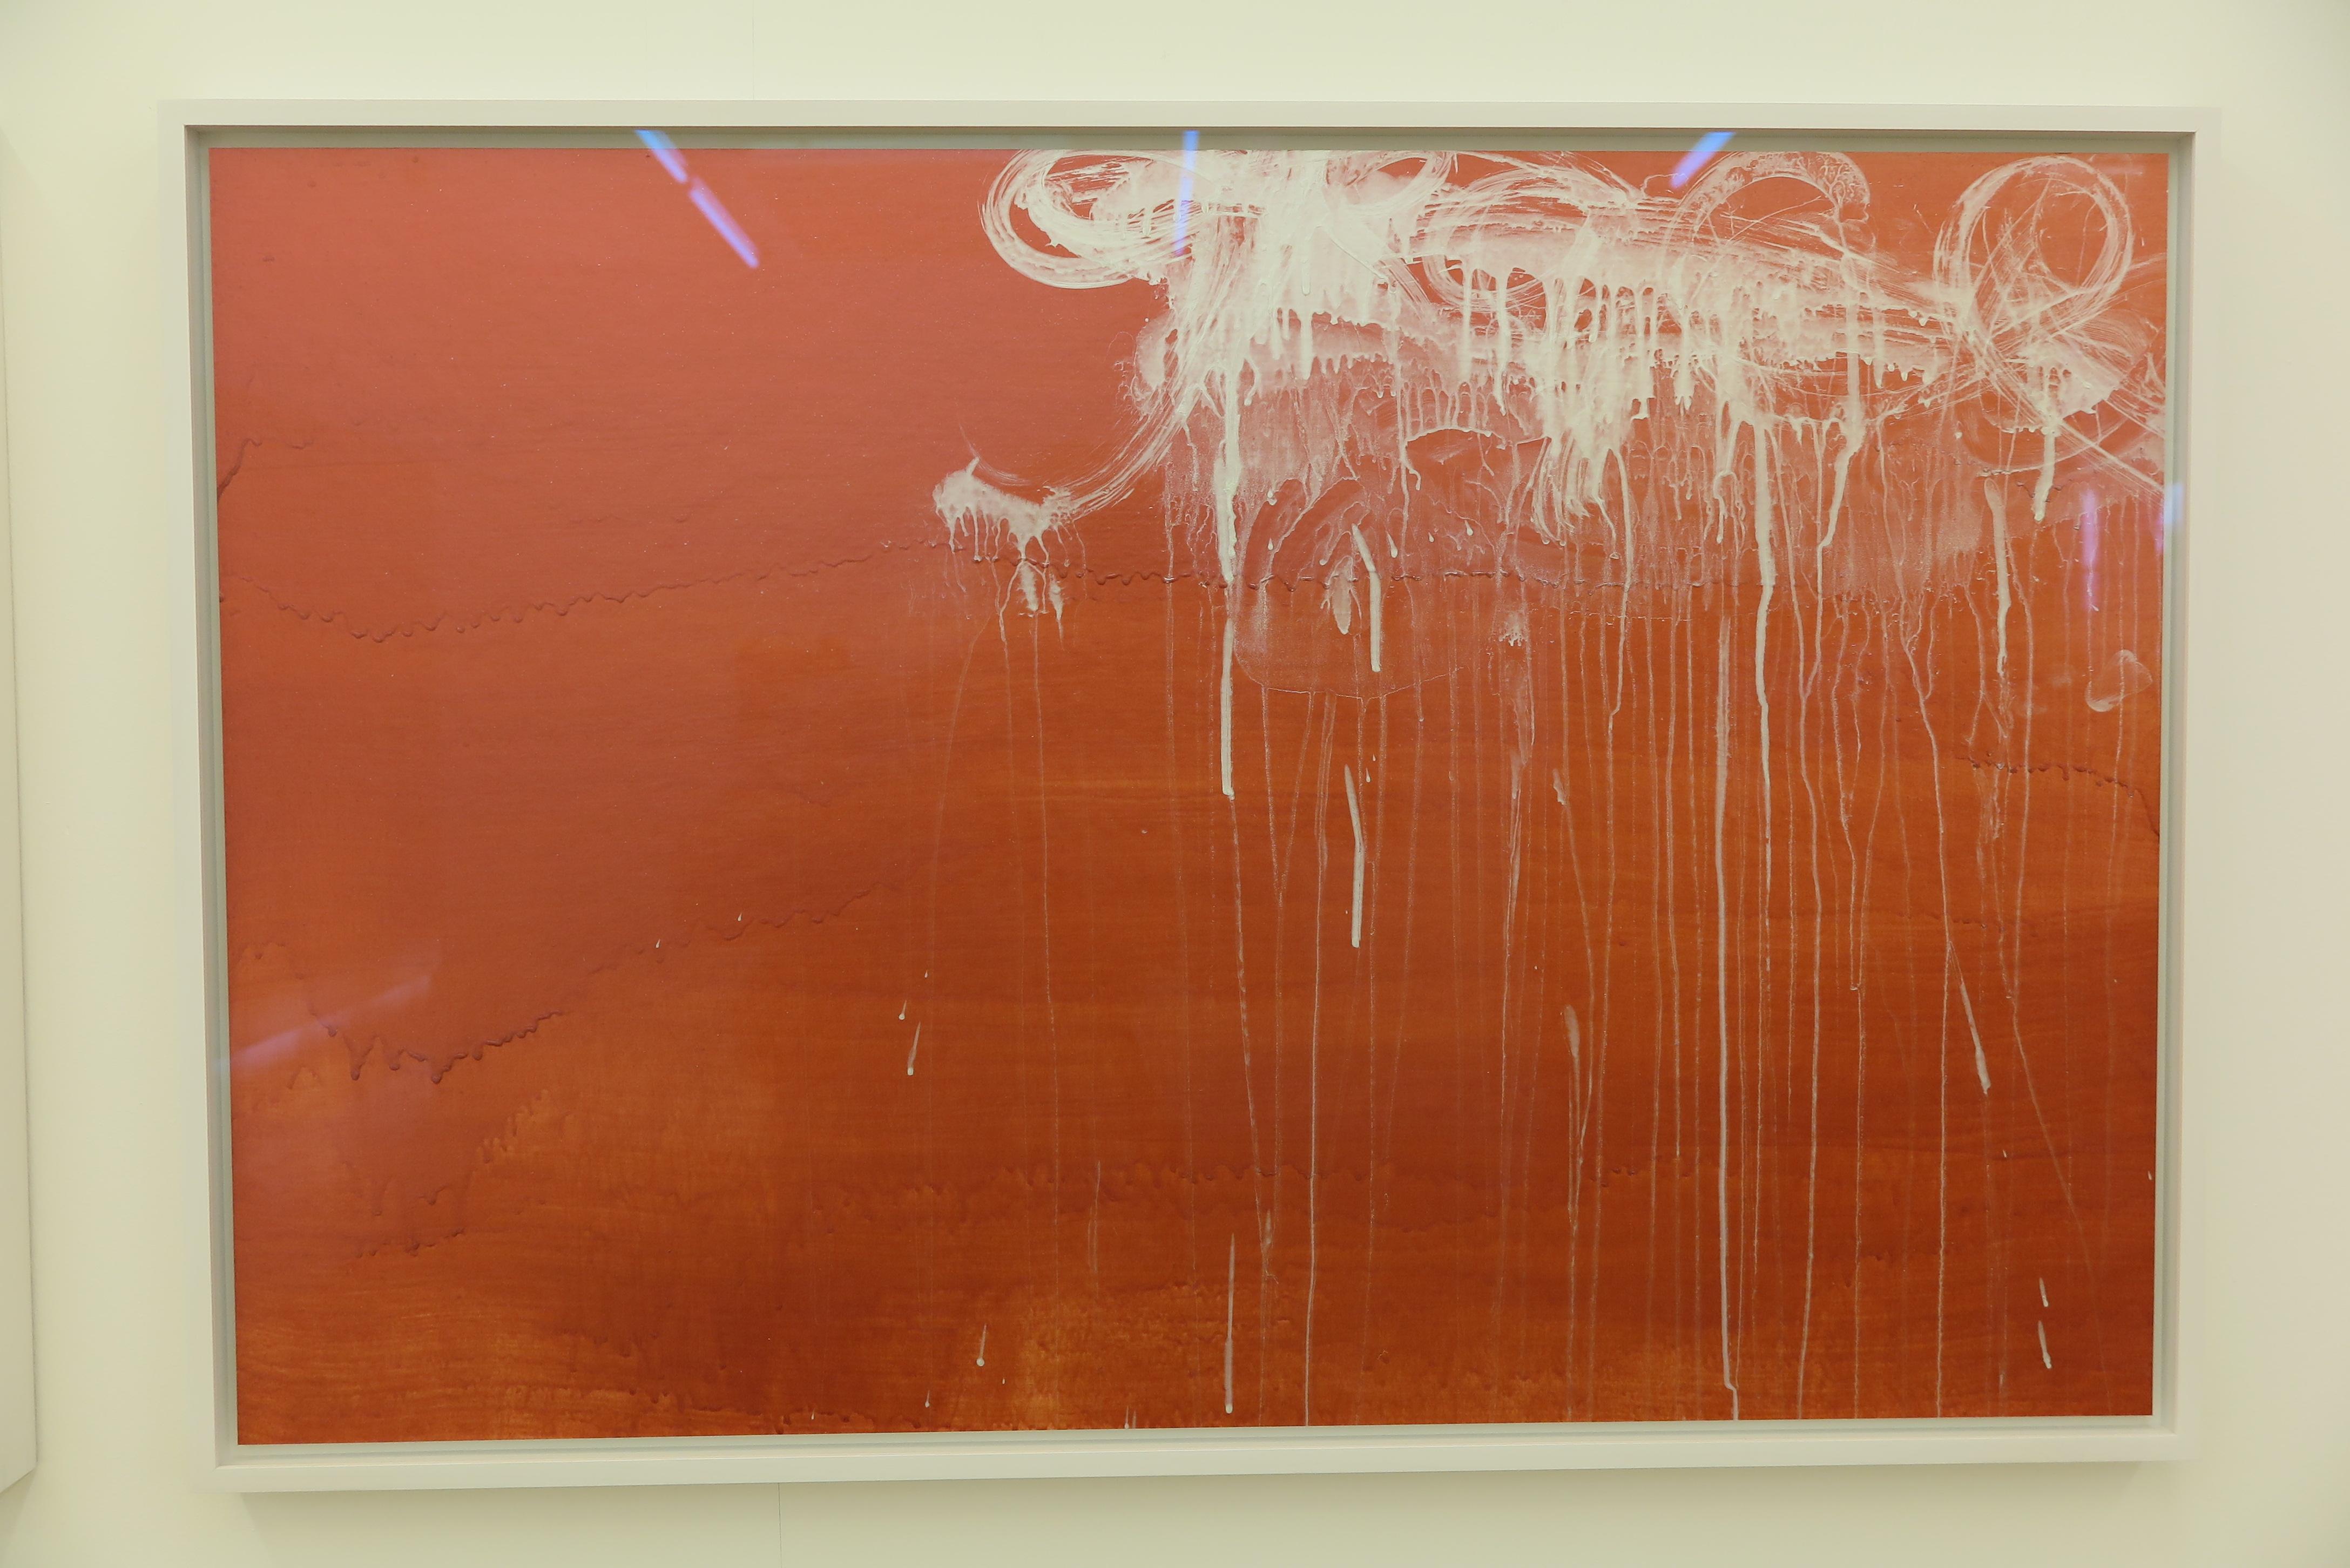 Galerie: Roger Katwijk. Kunstenaar: Tim Ayres (main)